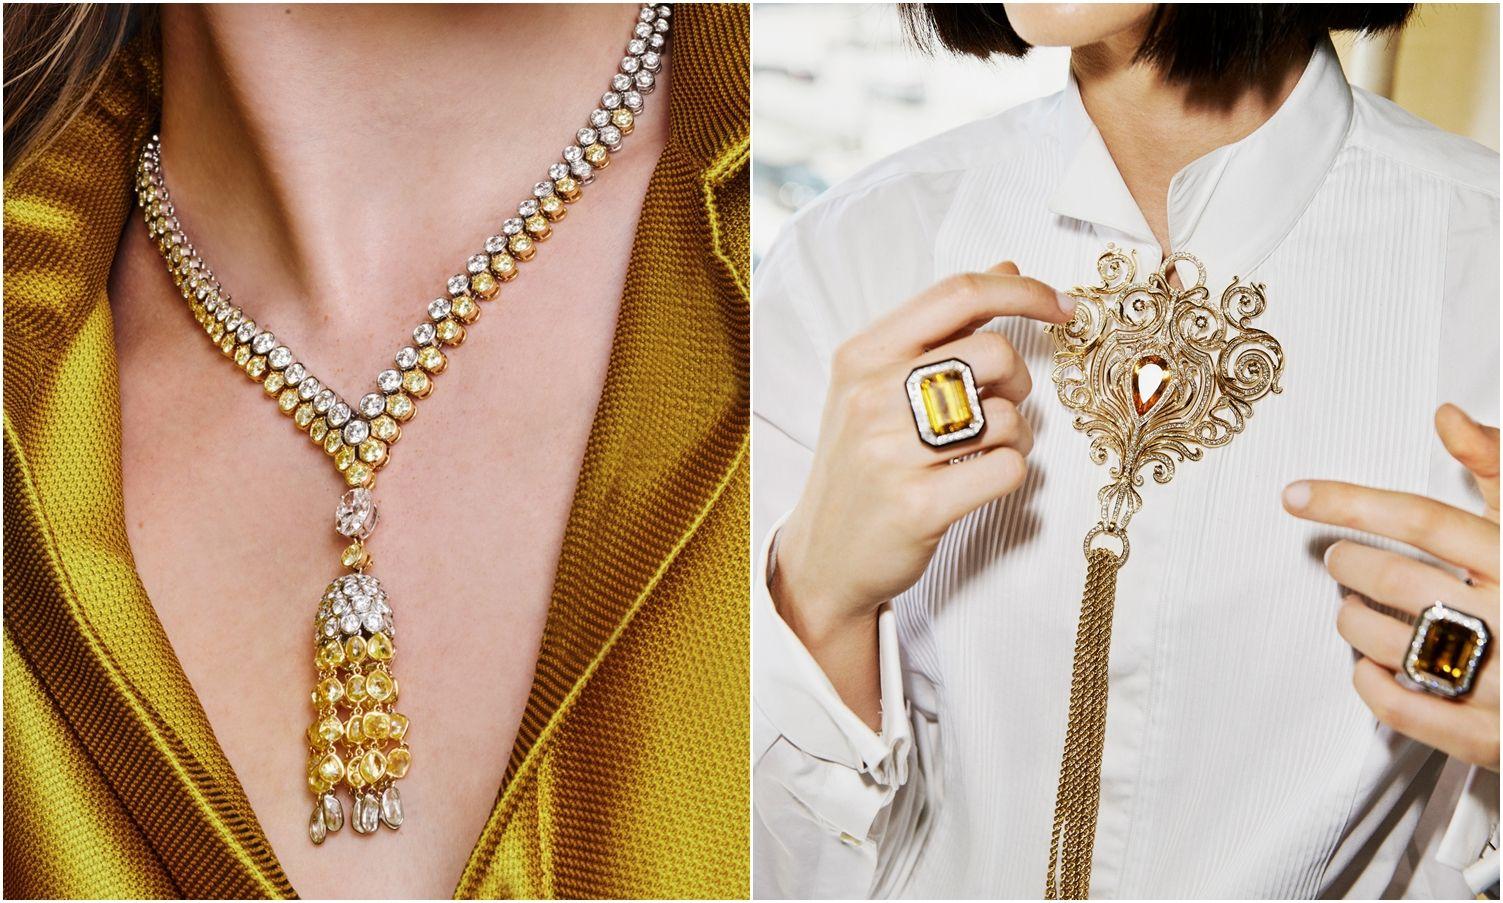 一件可以抵多件,可轉換式珠寶讓你天天華麗變身不無聊